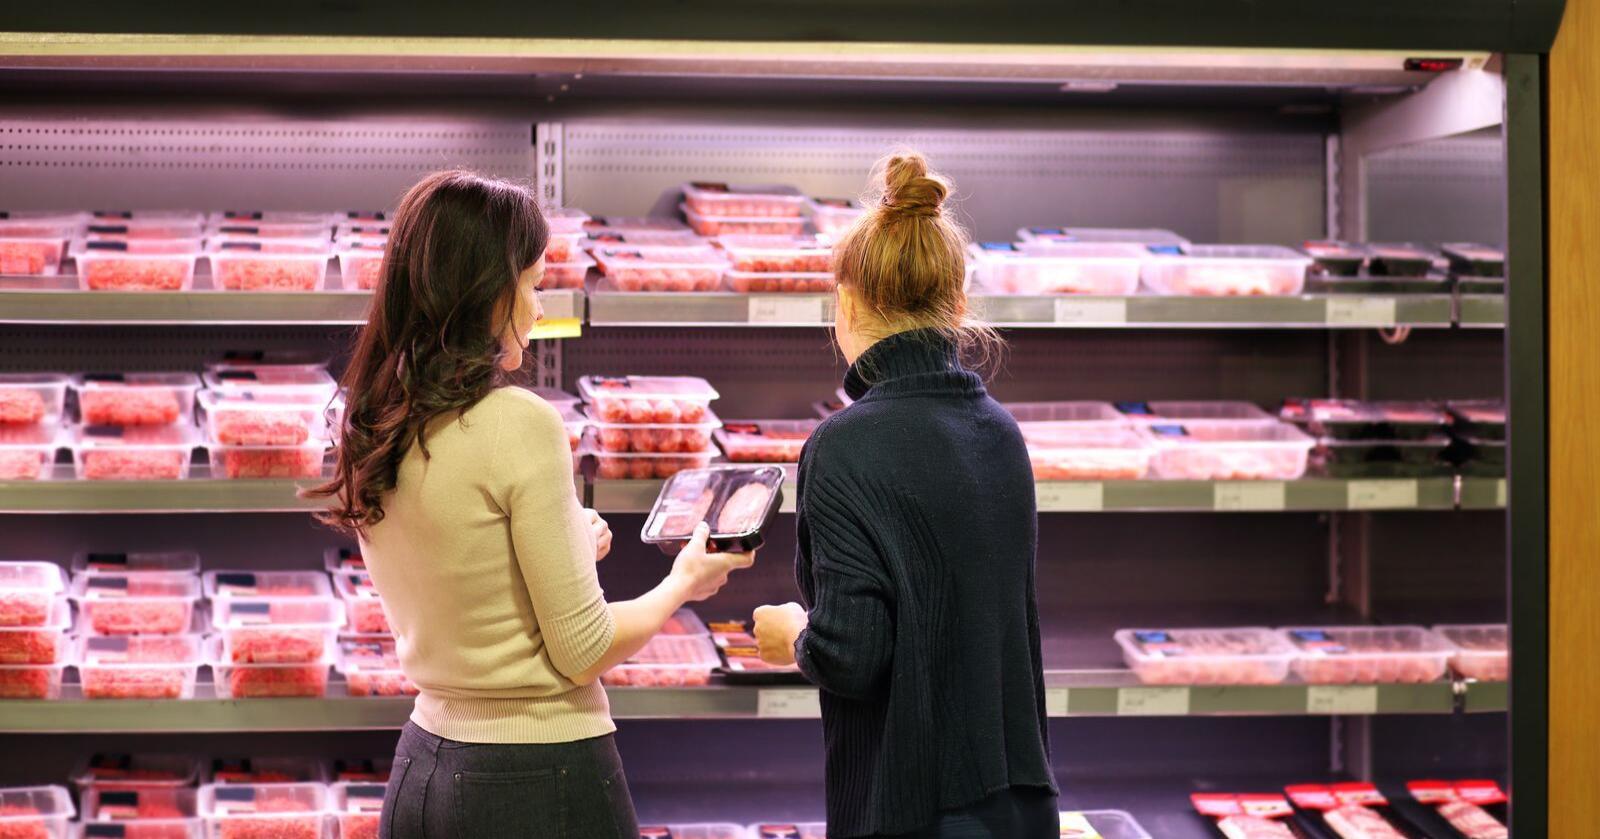 Kjøtt butikk handle kvinner kjøttdisken kjøttmarked *** Local Caption *** BB 44/18